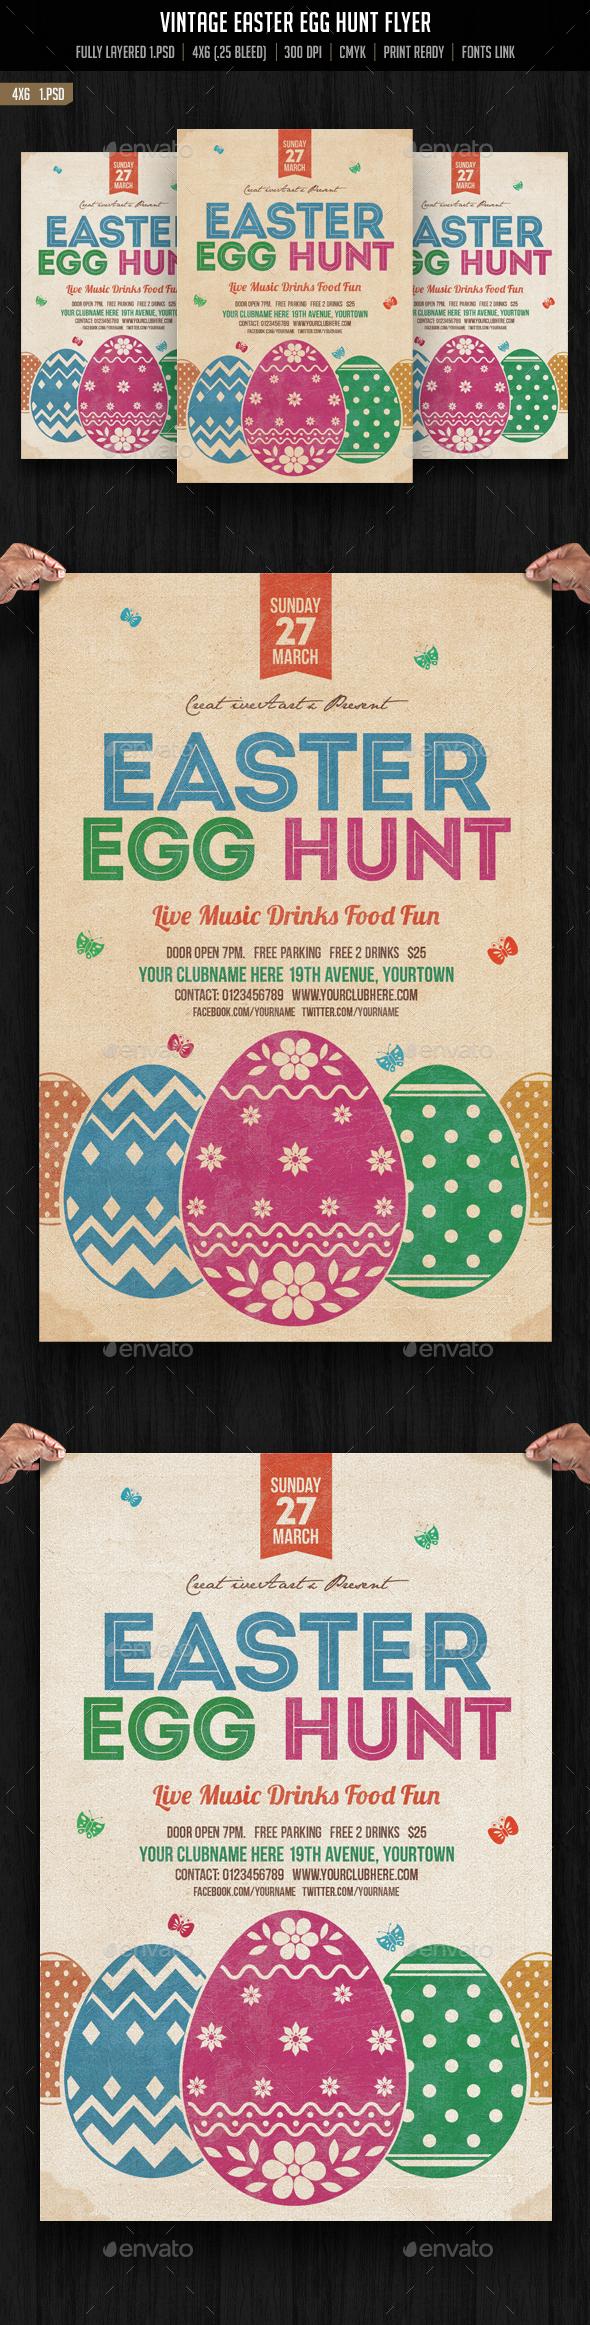 Vintage Easter Egg Hunt Flyer - Events Flyers